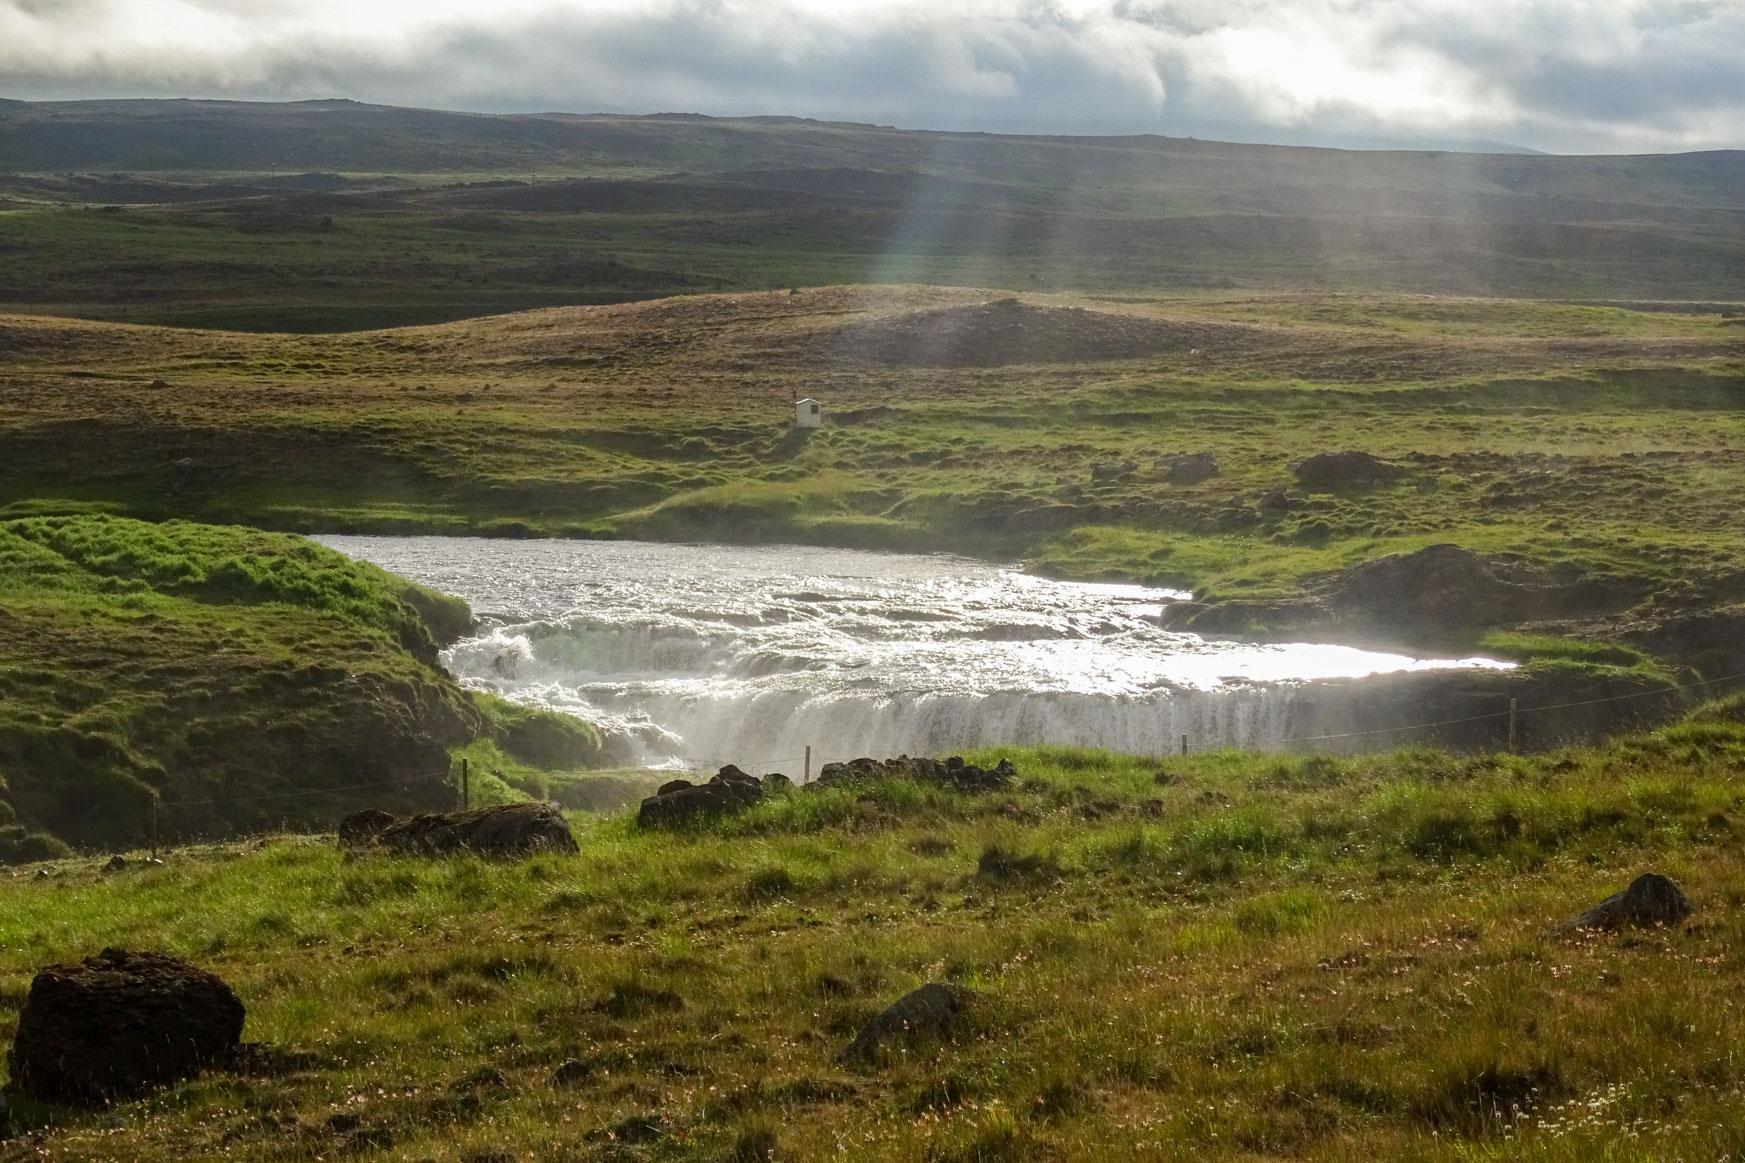 Der Wasserfall sorg für die Geräuschkulisse am Hot Pot